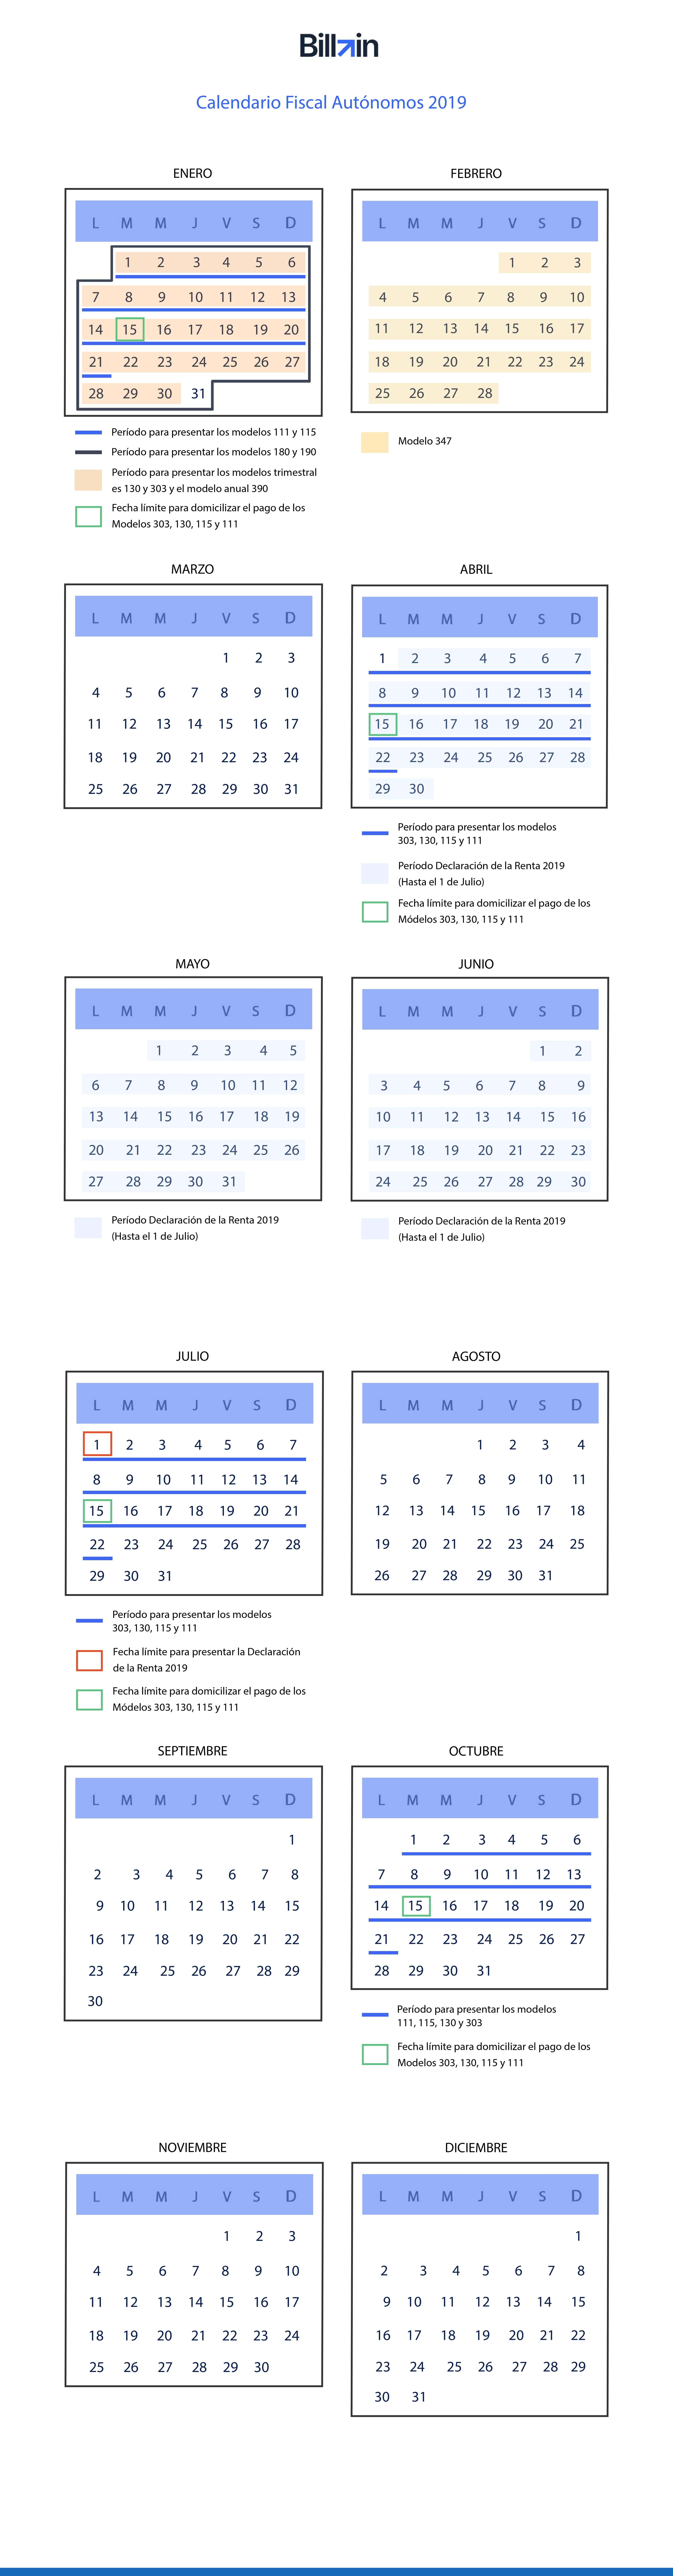 Calendario Fiscal 2019 Autonomos.Calendario Y Obligaciones Fiscales Para Autonomos En 2019